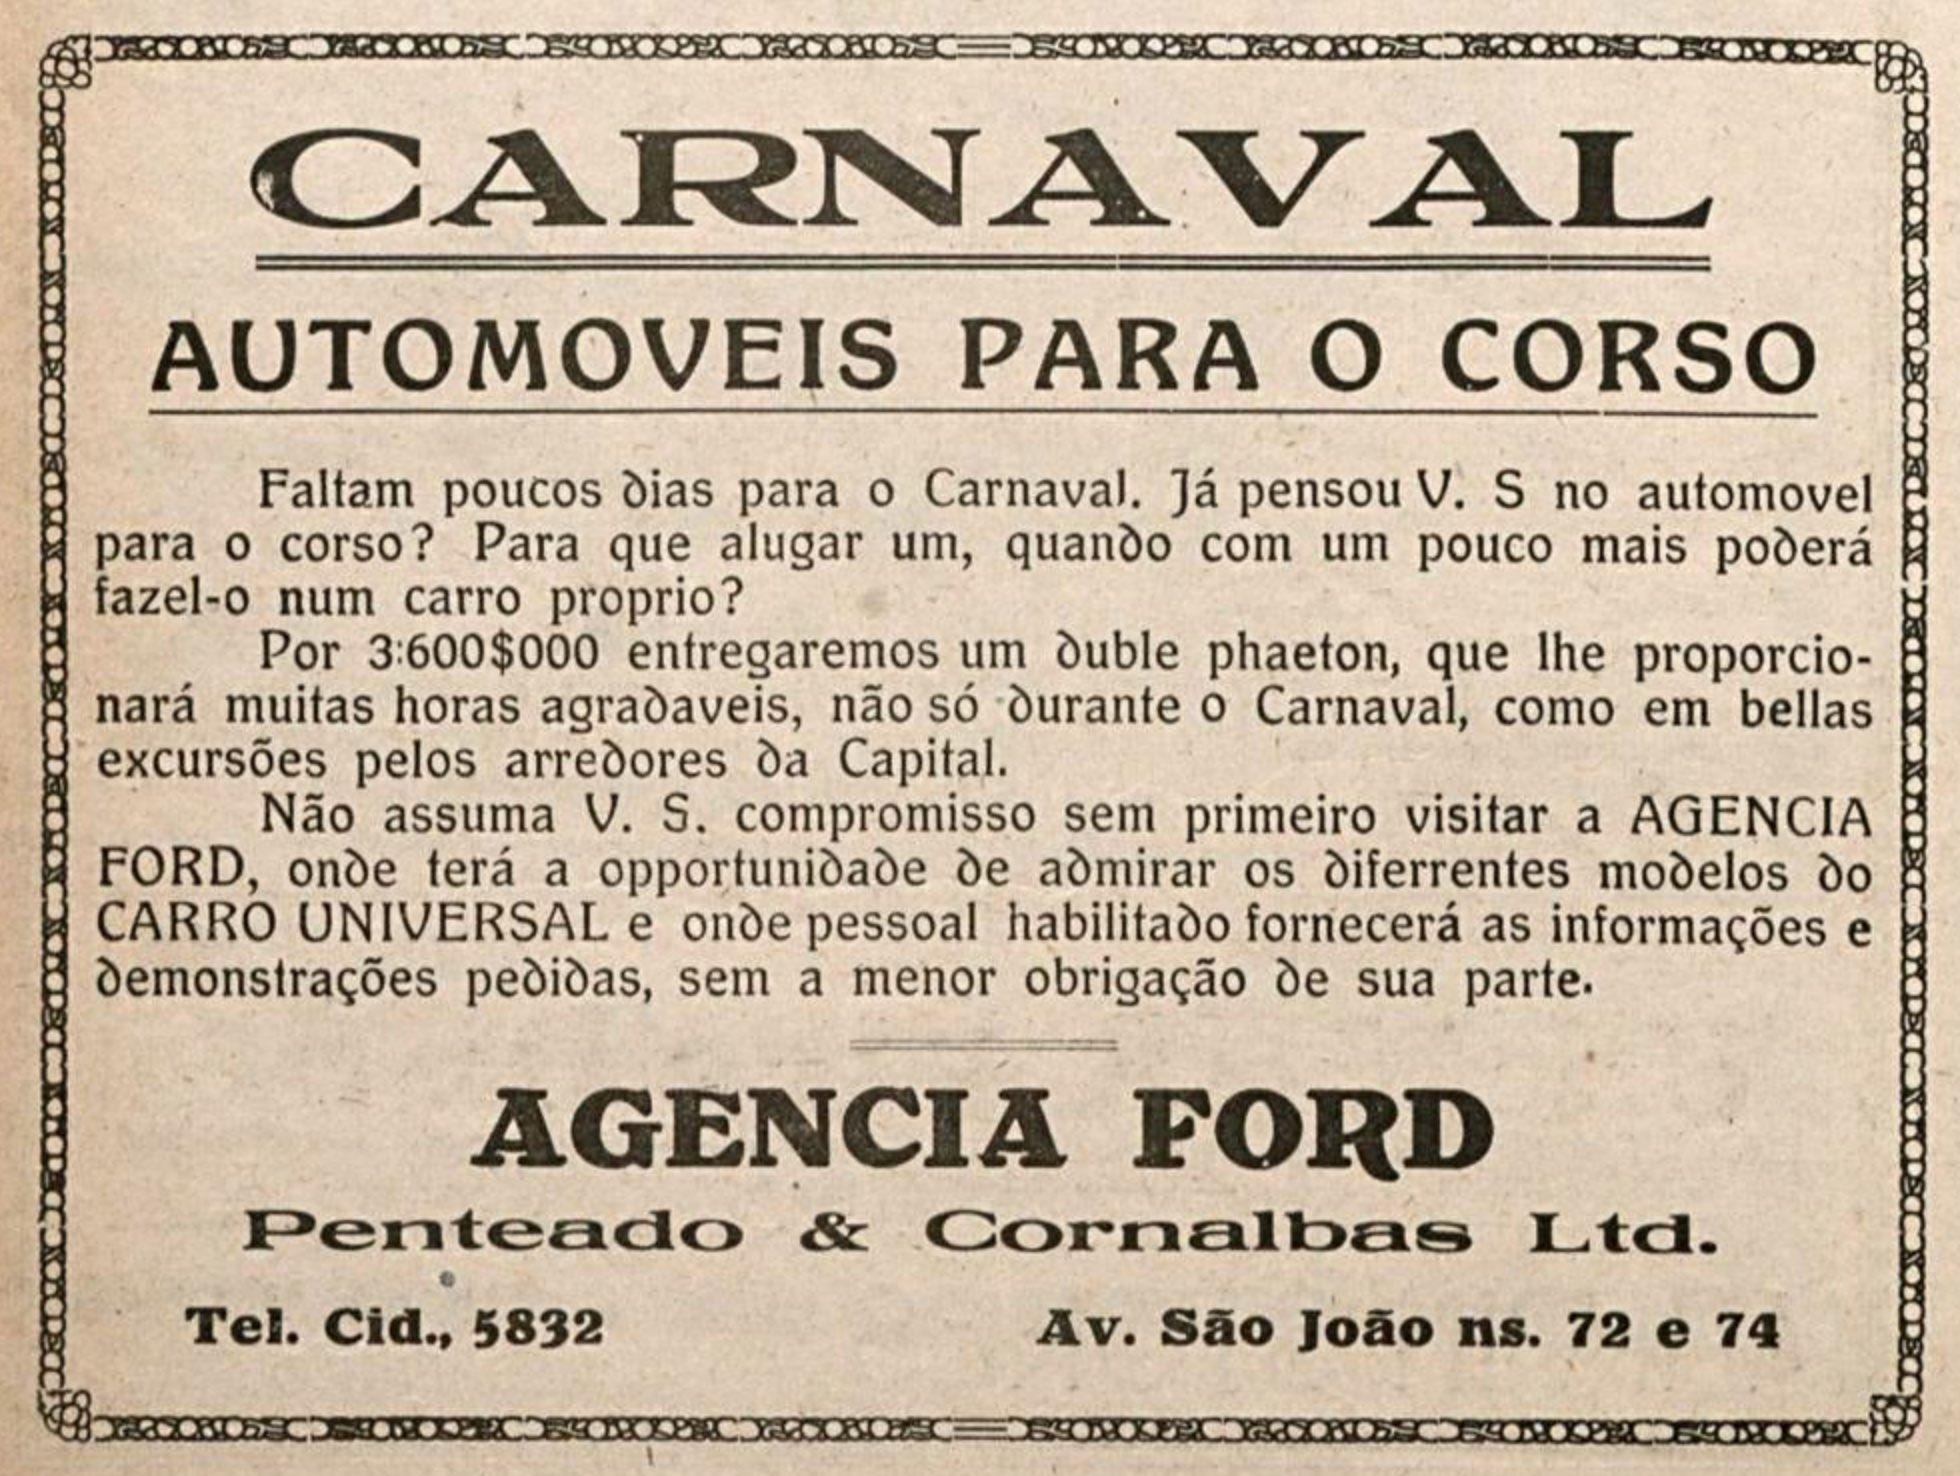 Anúncio de 1920 da agência Ford promovendo automóveis para o corso do carnaval